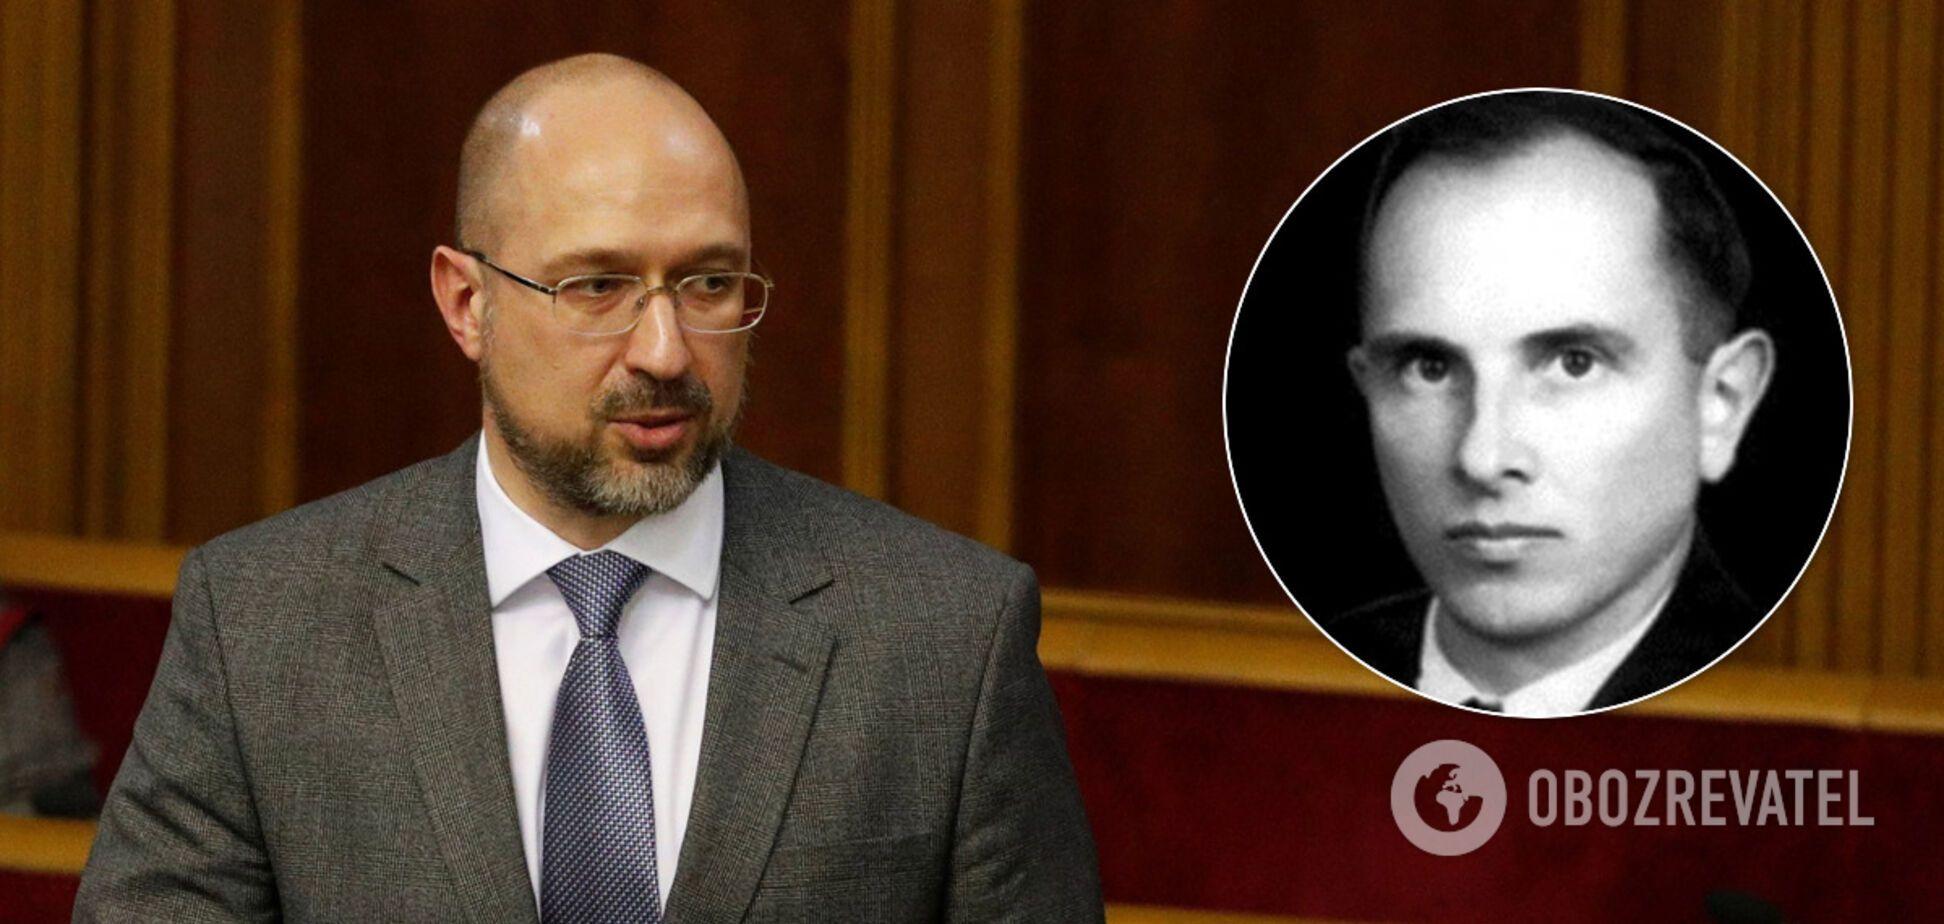 Шмигаль слідом за Зеленським висловився про 'просте' ставлення до Бандери